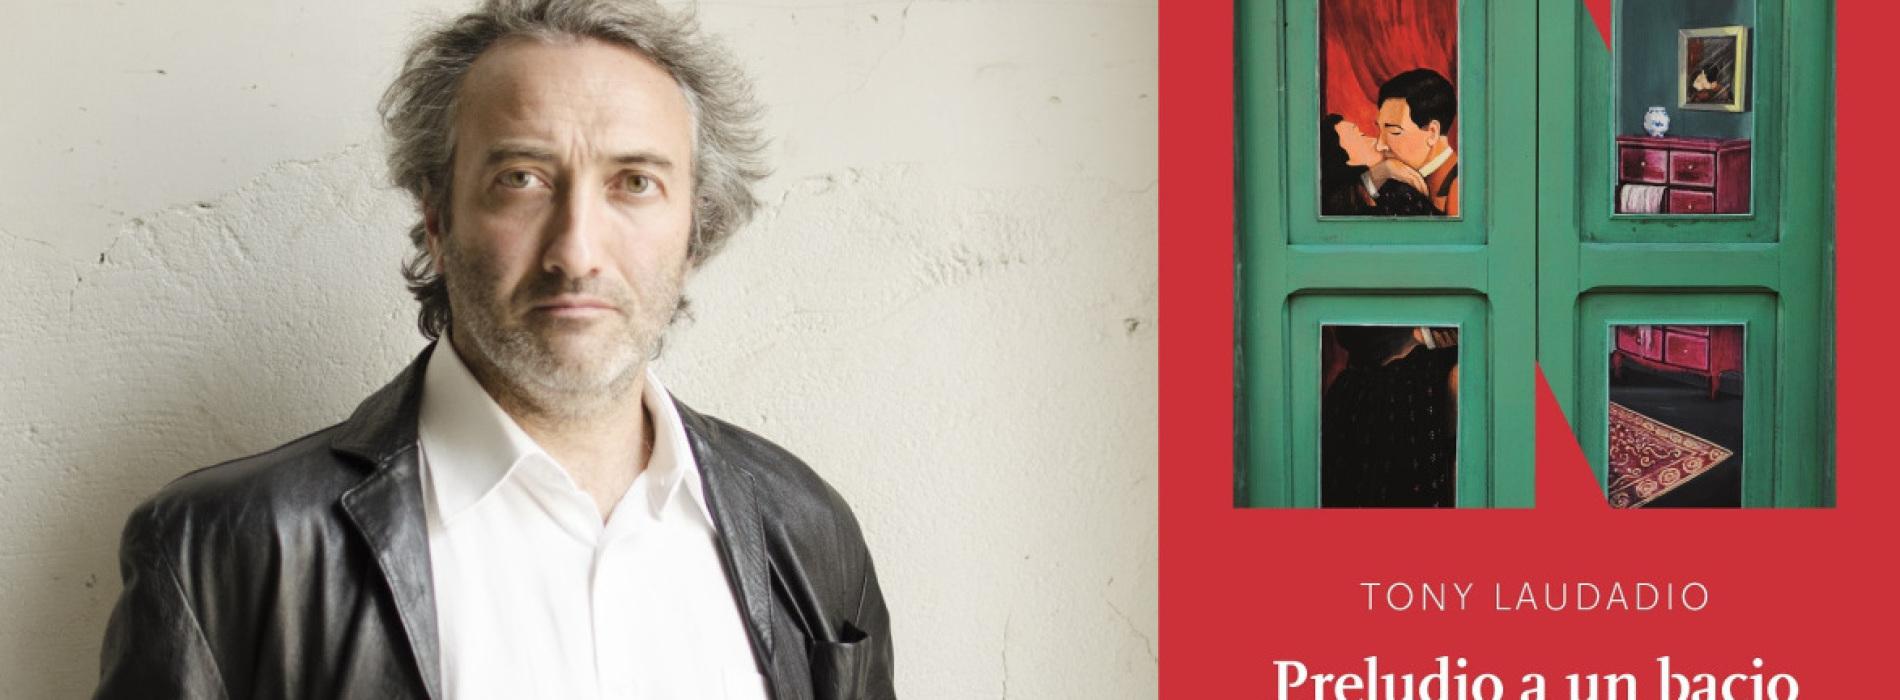 Premio Bancarella. Il casertano Tony Laudadio tra i finalisti